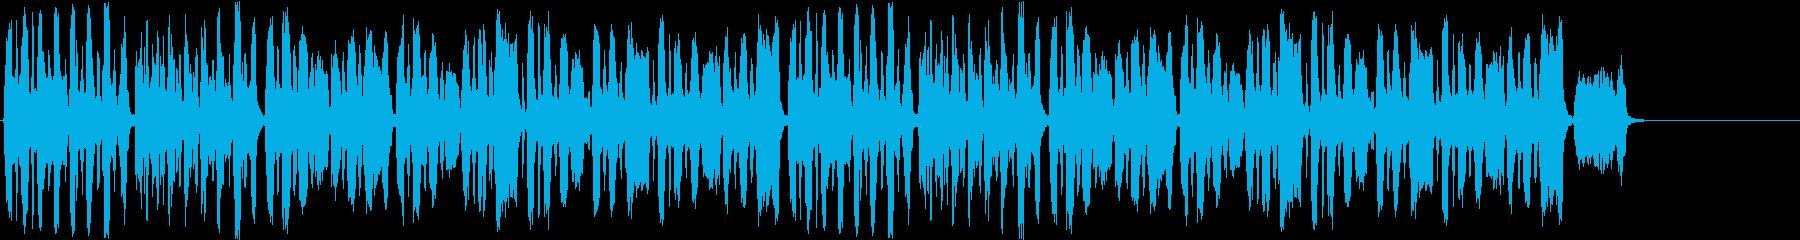 ボリビアのパイプで演奏された古いカ...の再生済みの波形